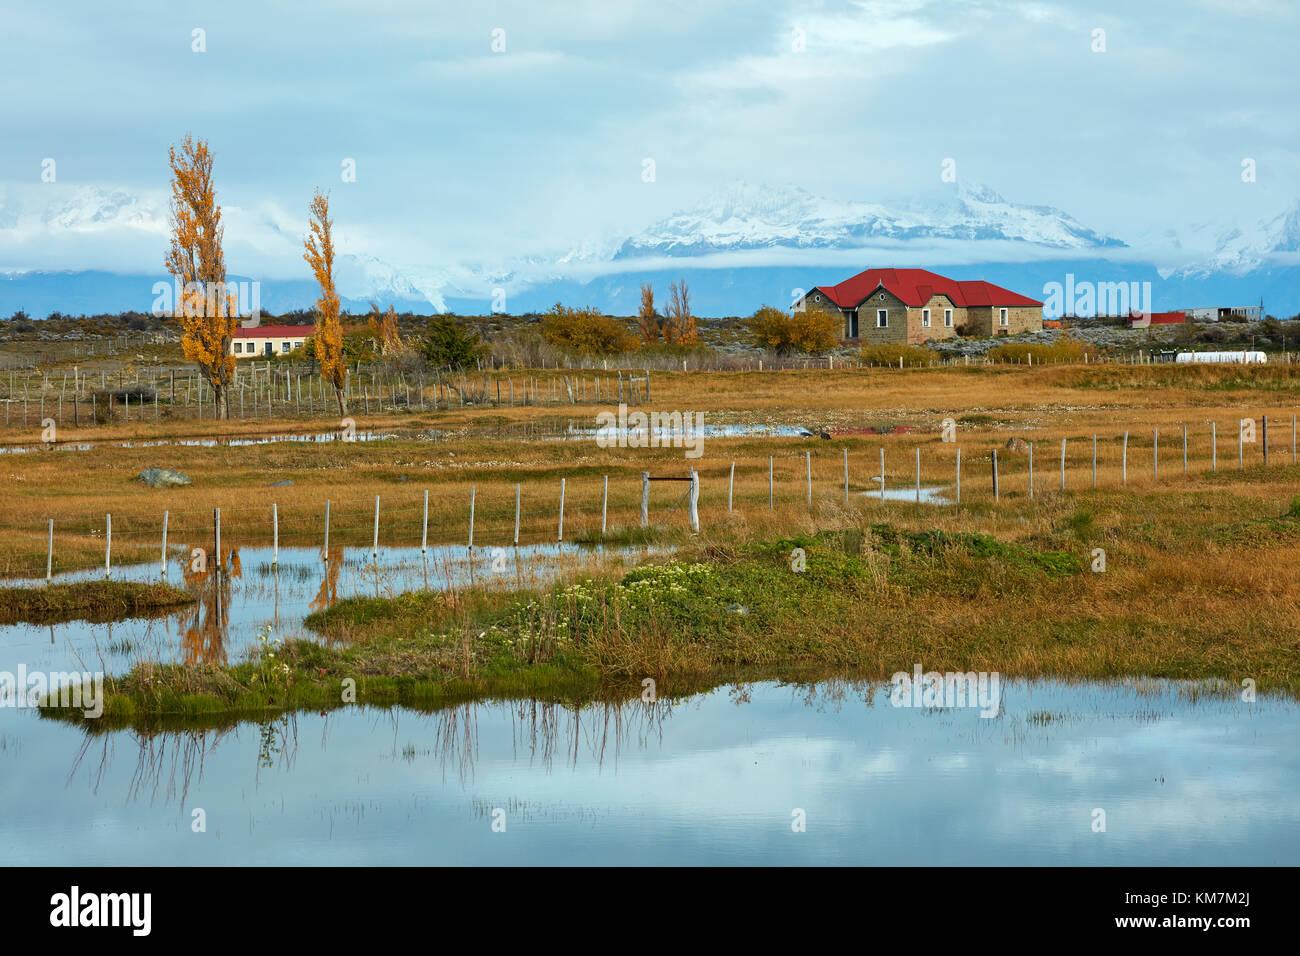 Granja y montaña cerca de El Chaltén, Patagonia argentina, SUDAMÉRICA Imagen De Stock